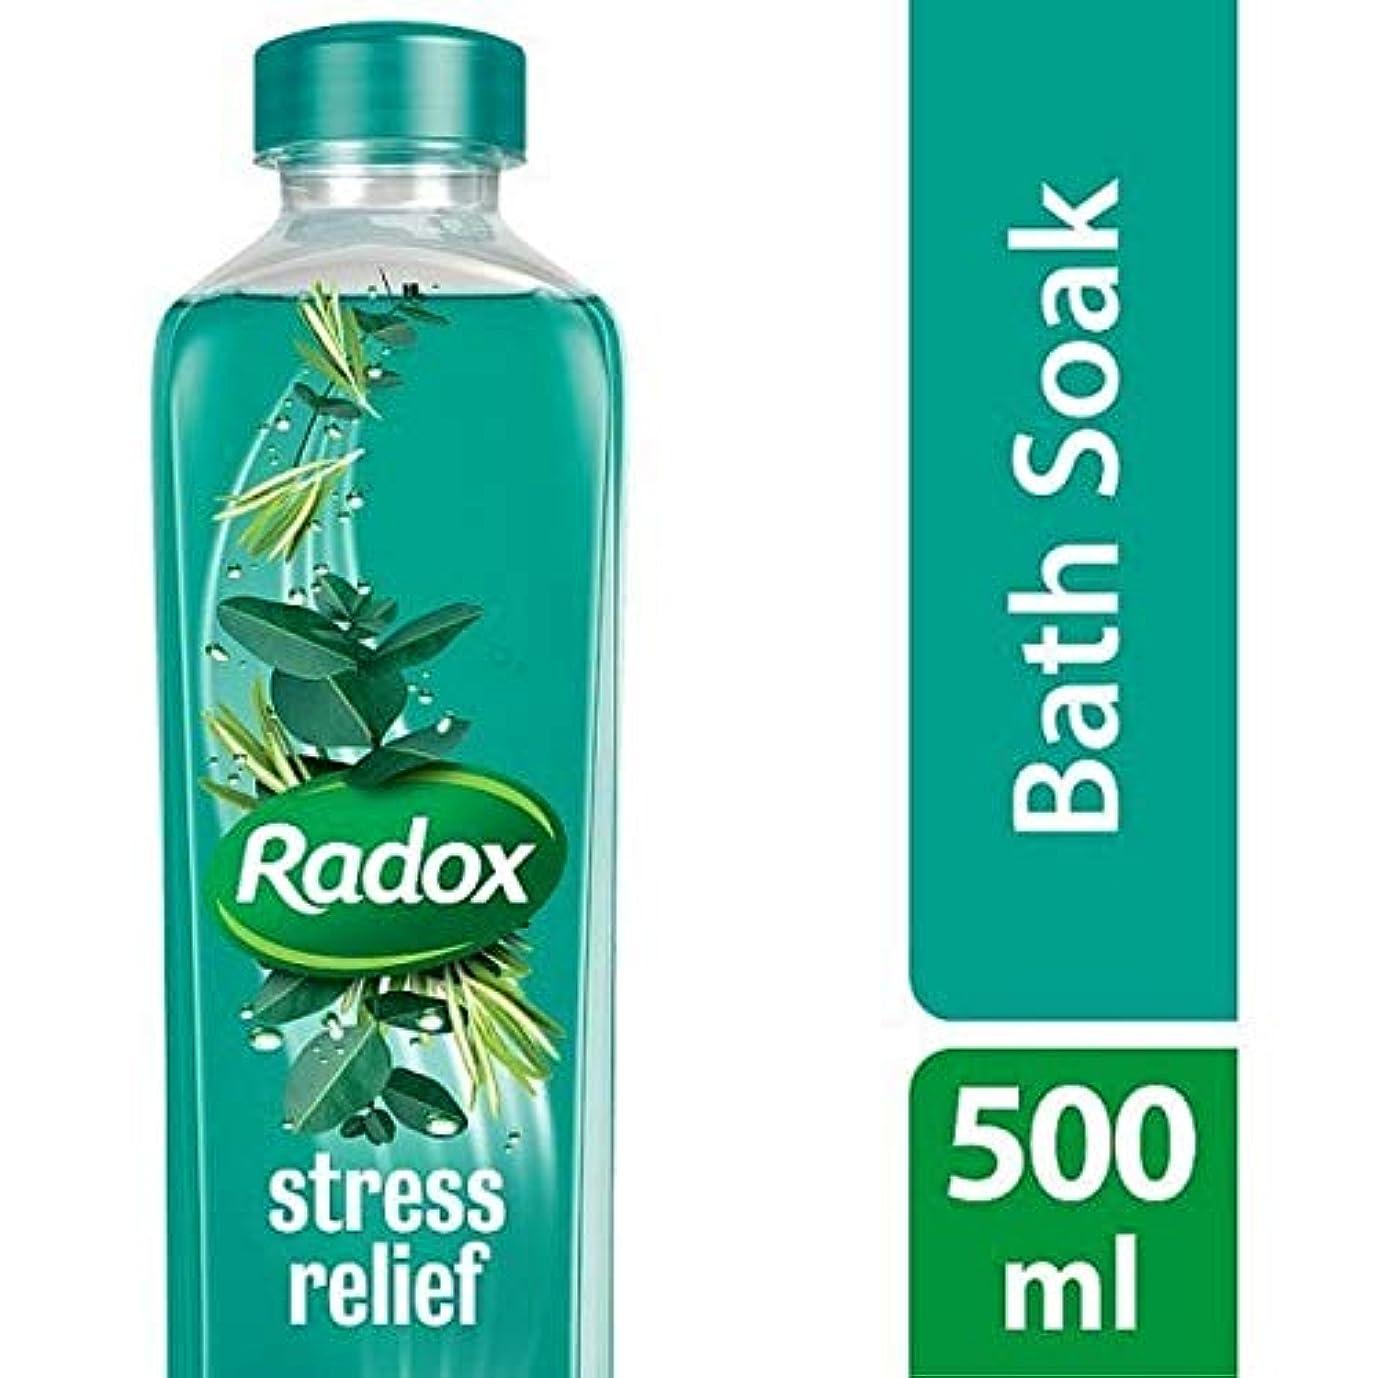 トロリーバス文庫本の頭の上[Radox] Radoxは、500ミリリットルのソーク良い香りストレスリリーフ風呂を感じます - Radox Feel Good Fragrance Stress Relief Bath Soak 500ml [並行輸入品]